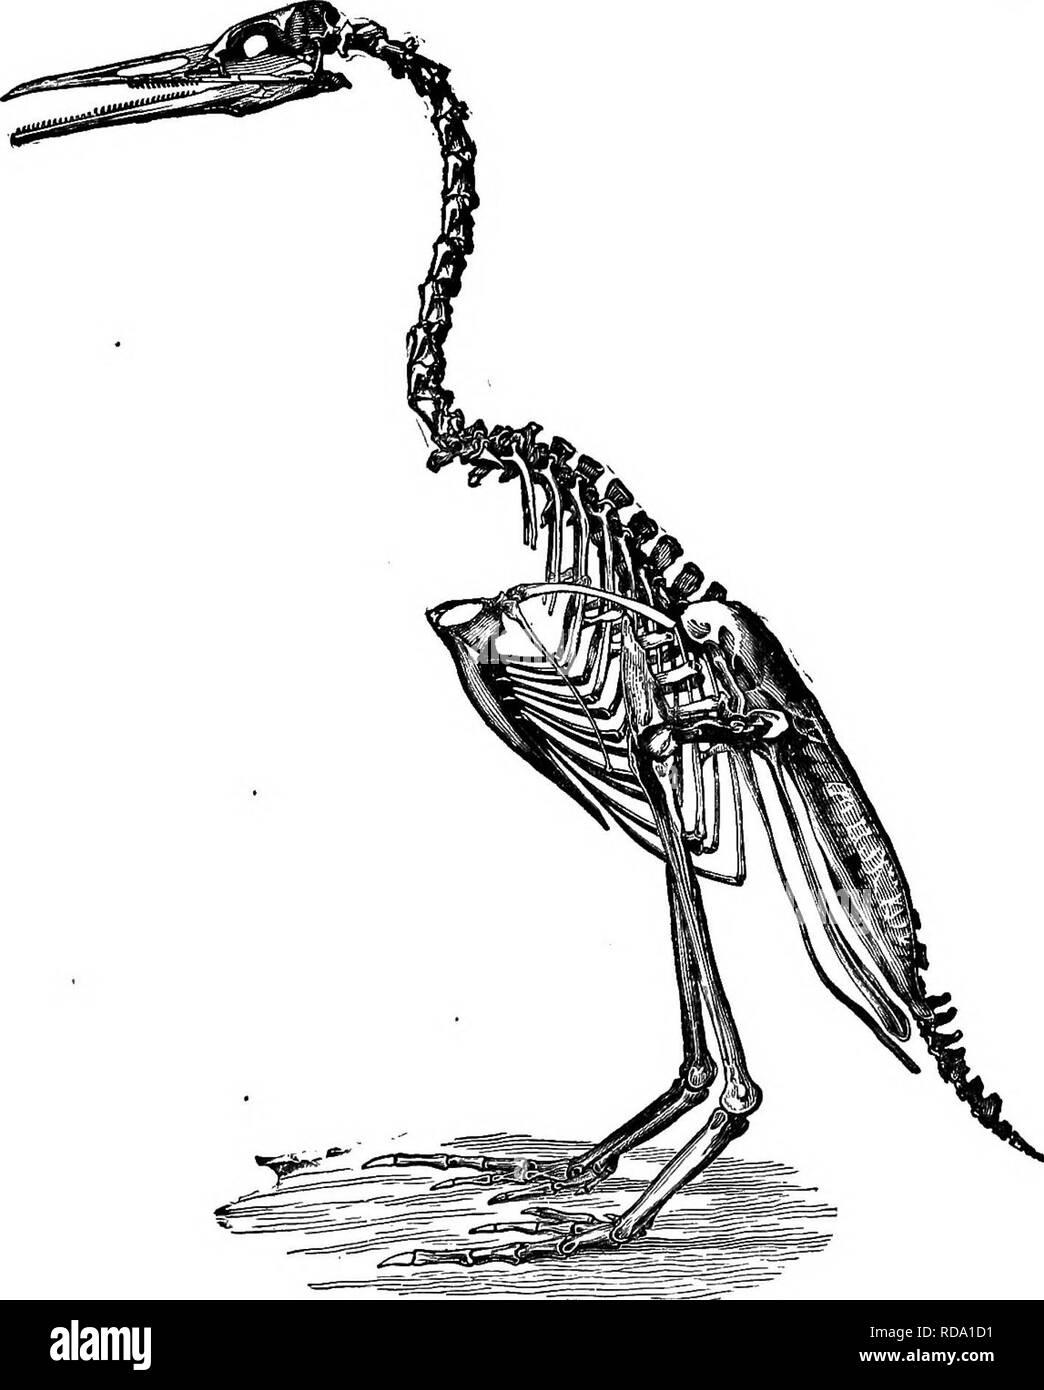 . Schlüssel für nordamerikanische Vögel. Enthält eine kurze Beschreibung aller Arten von Wohn- und fossiler Vogel bei vom Kontinent nördlich der mexikanischen Grenze und die Vereinigten Staaten, inklusive der Grönland und unteren Kalifornien, mit dem bekannten vorhanden sind allgemeine Ornithologie: einen Überblick über die Struktur und die Systematik der Vögel; und Feld Ornithologie, ein Handbuch für die Sammlung, Erstellung und Erhaltung der Vögel aufgenommen. Vögel, Vögel. DEFINITION VON BIEBS. 63 - der Fossilien so genannt, weil angeblich die Anwesenheit von Vögeln durch den Fuß zu geben, wurden über das Jahr 1835 in der Tria entdeckt Stockfoto